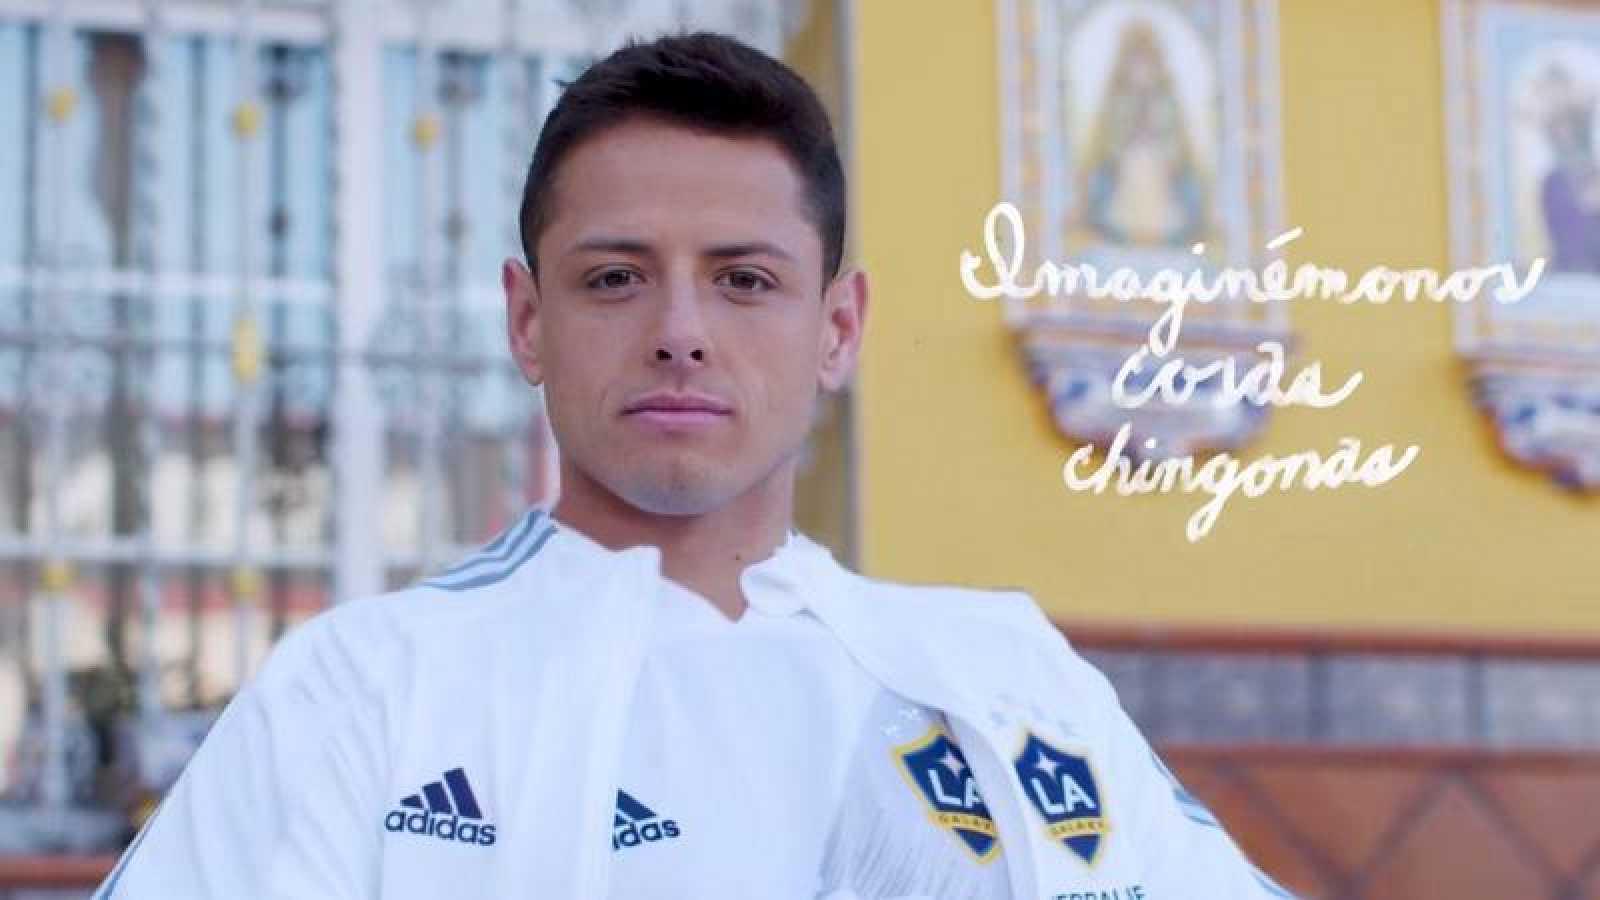 El delantero mexicano Chicharito ficha por Los Ángeles Galaxy